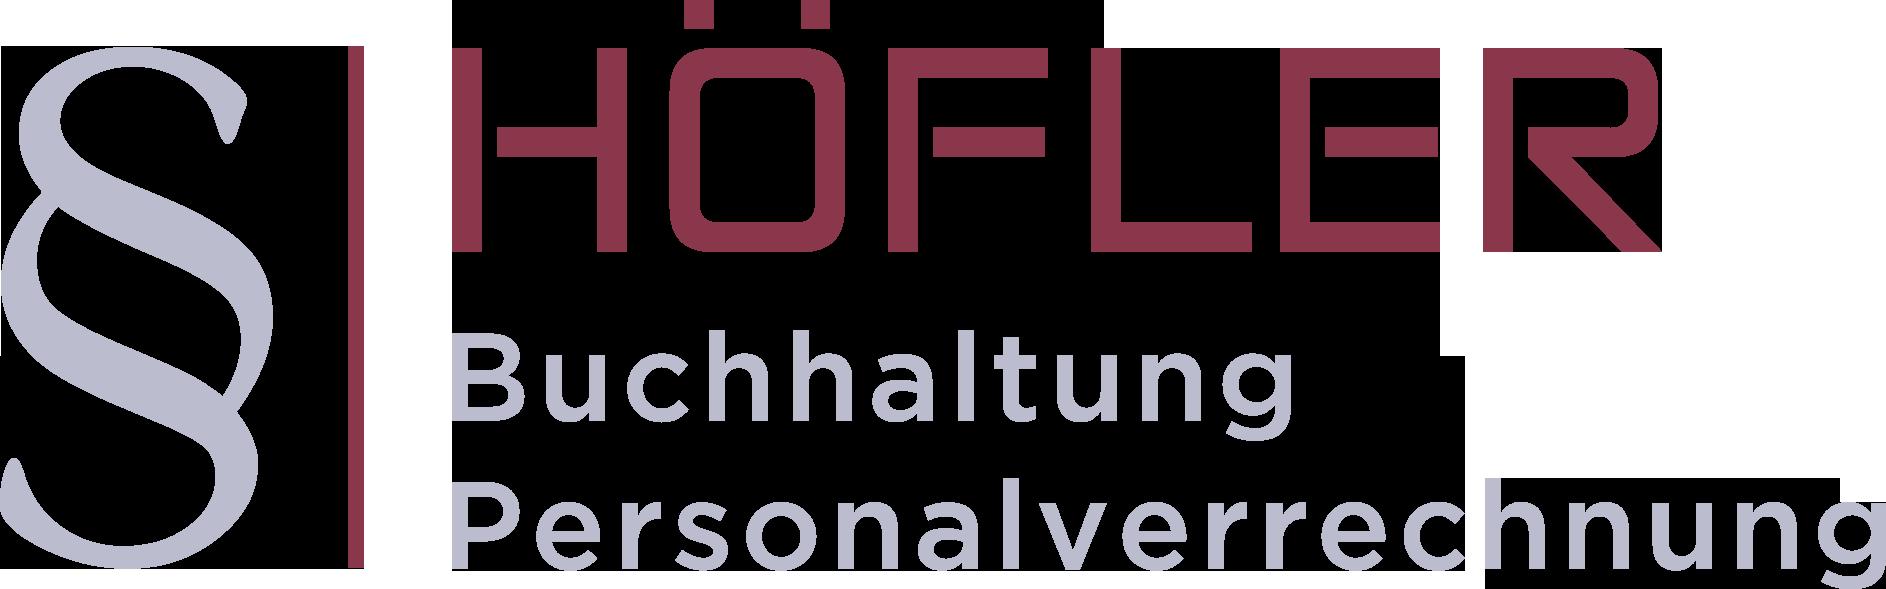 Höfler Buchhaltung & Personalverrechnung